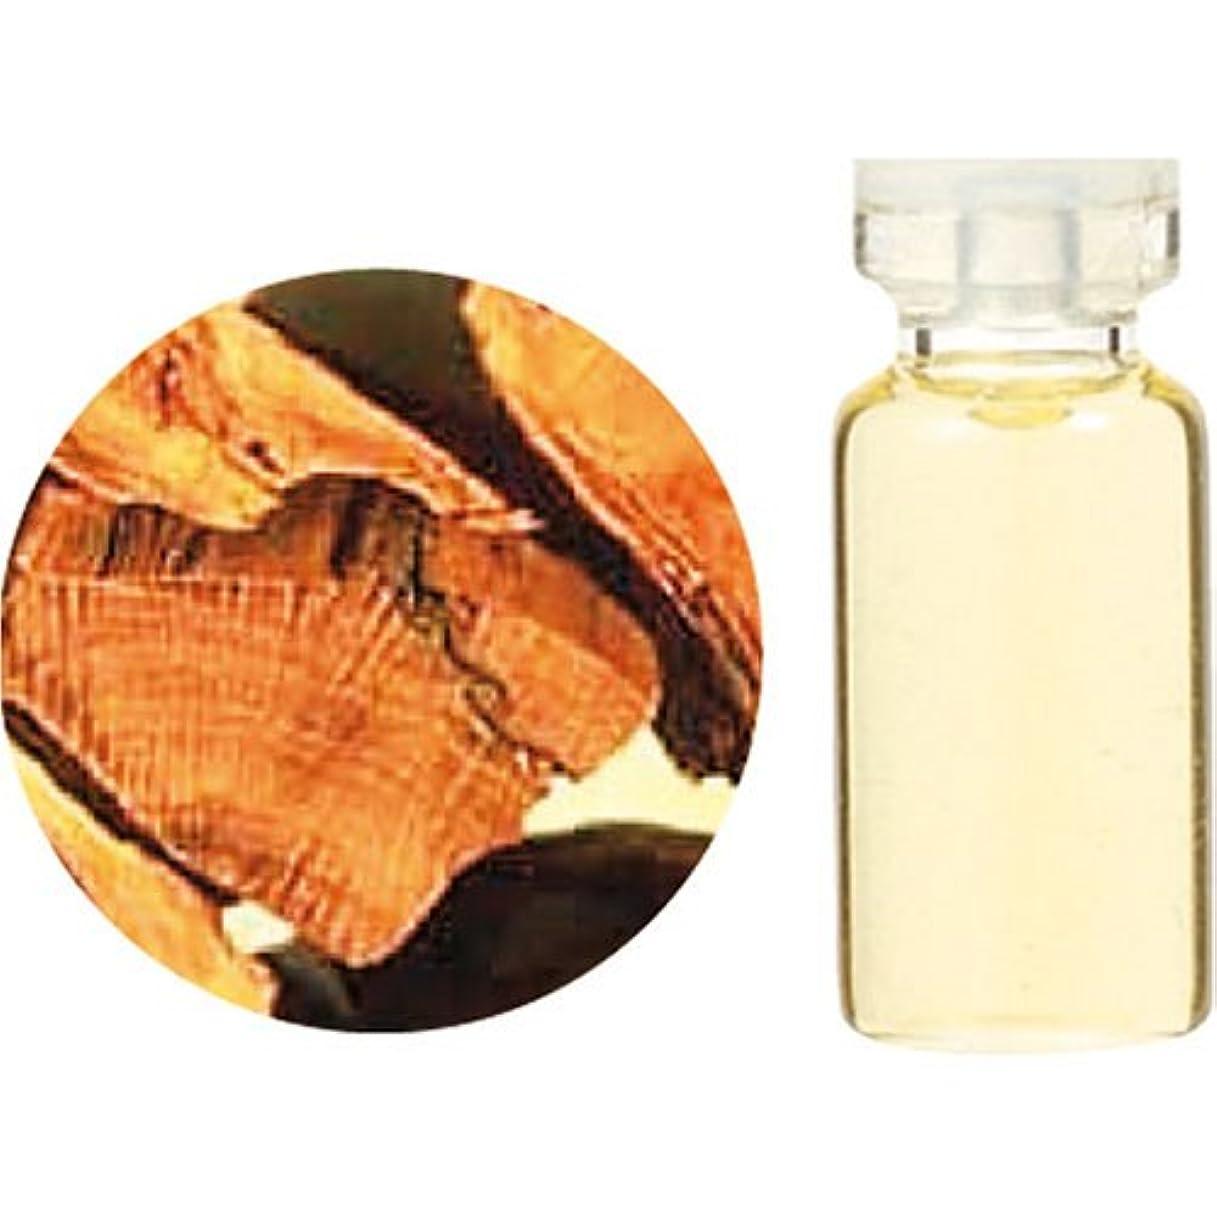 満員感謝する収容する生活の木 エッセンシャルオイル サンダルウッド 10ml